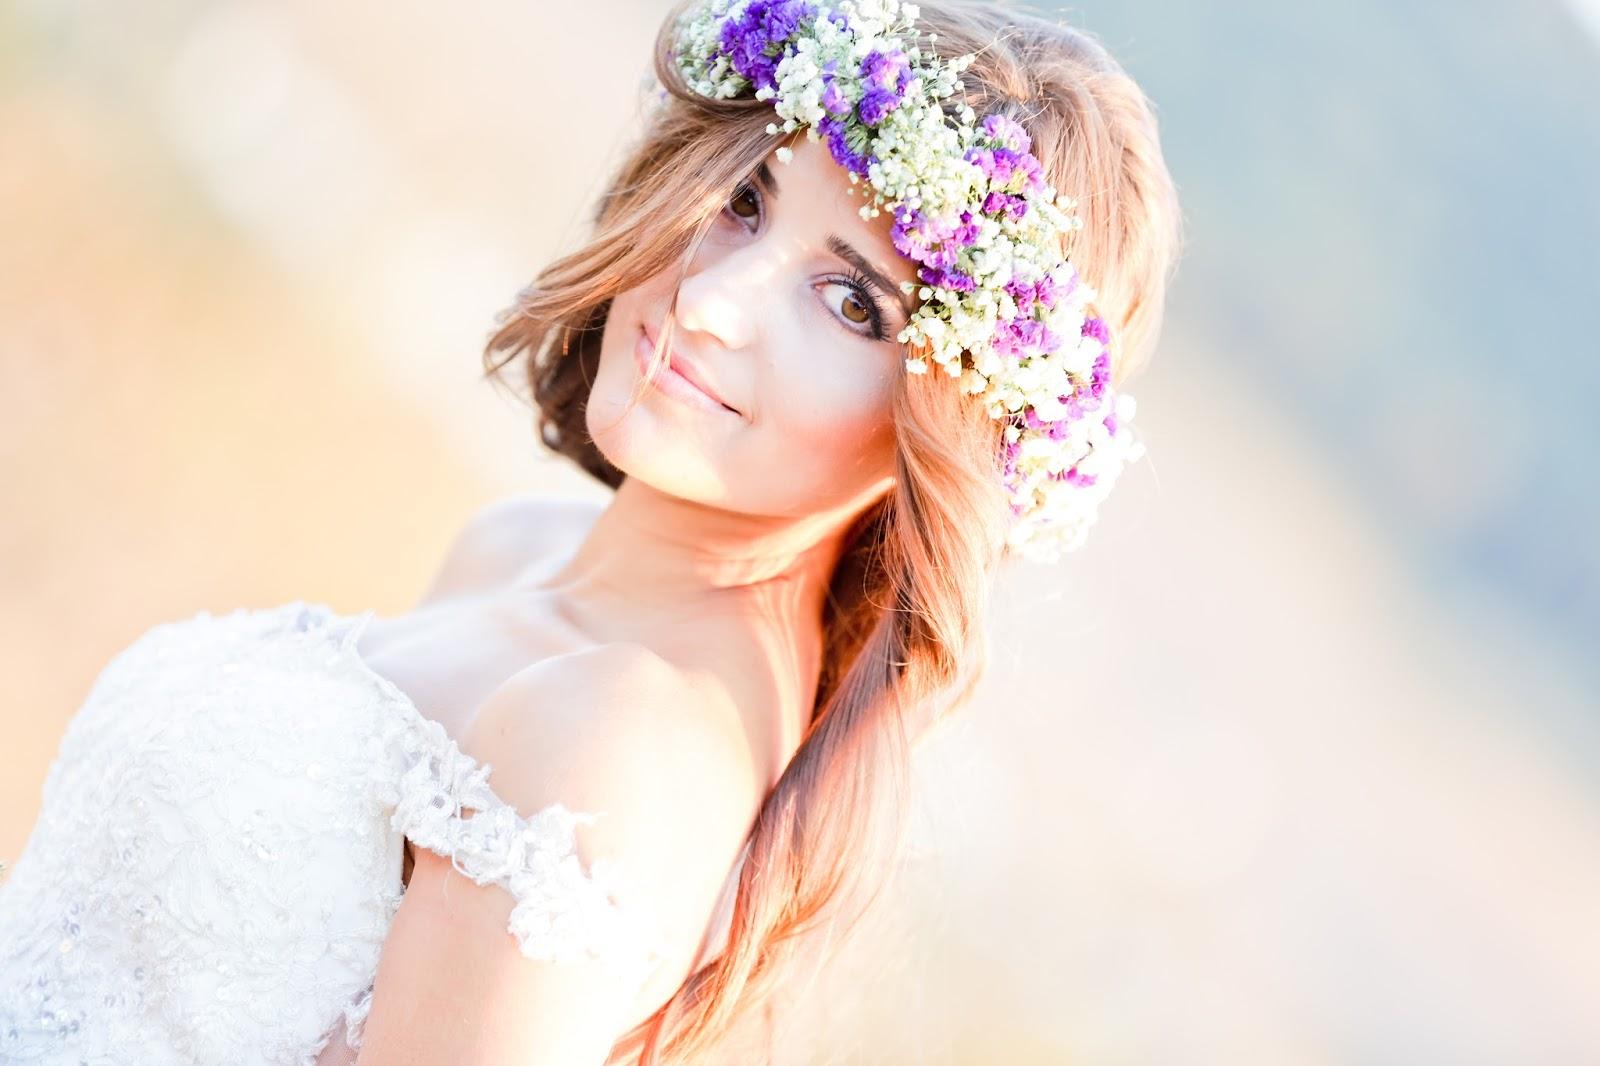 gelin fotosu, fotoğrafı, bride pictures, hochzeitsfotograf turkei, izmir, turkey, fotografin